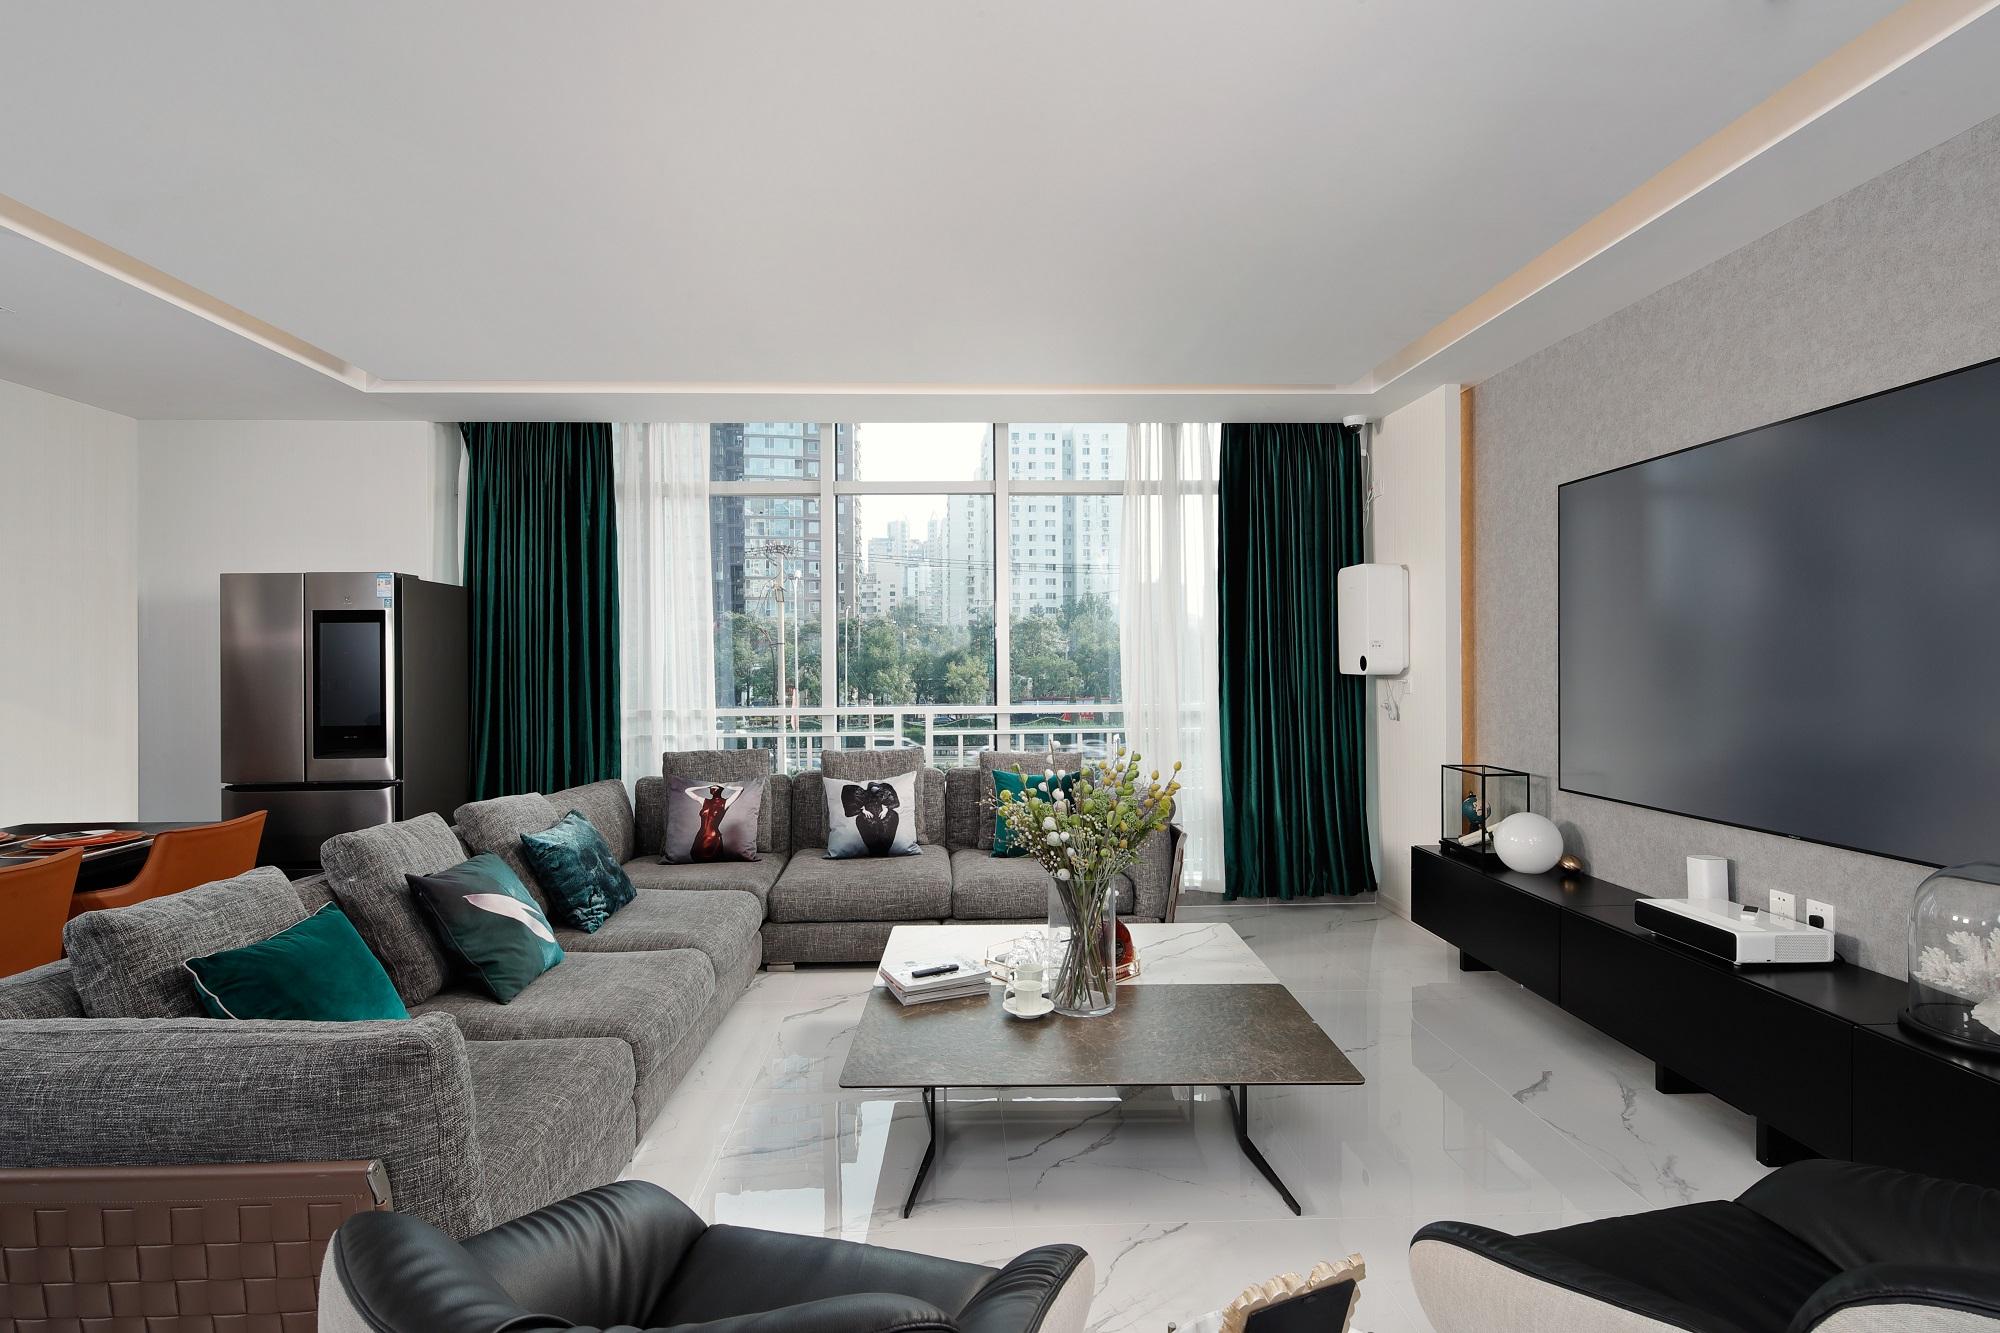 超大的落地玻璃窗增加了室内采光效果,明亮大气,搭配蓝色质感丝绒窗帘,典雅迷人。